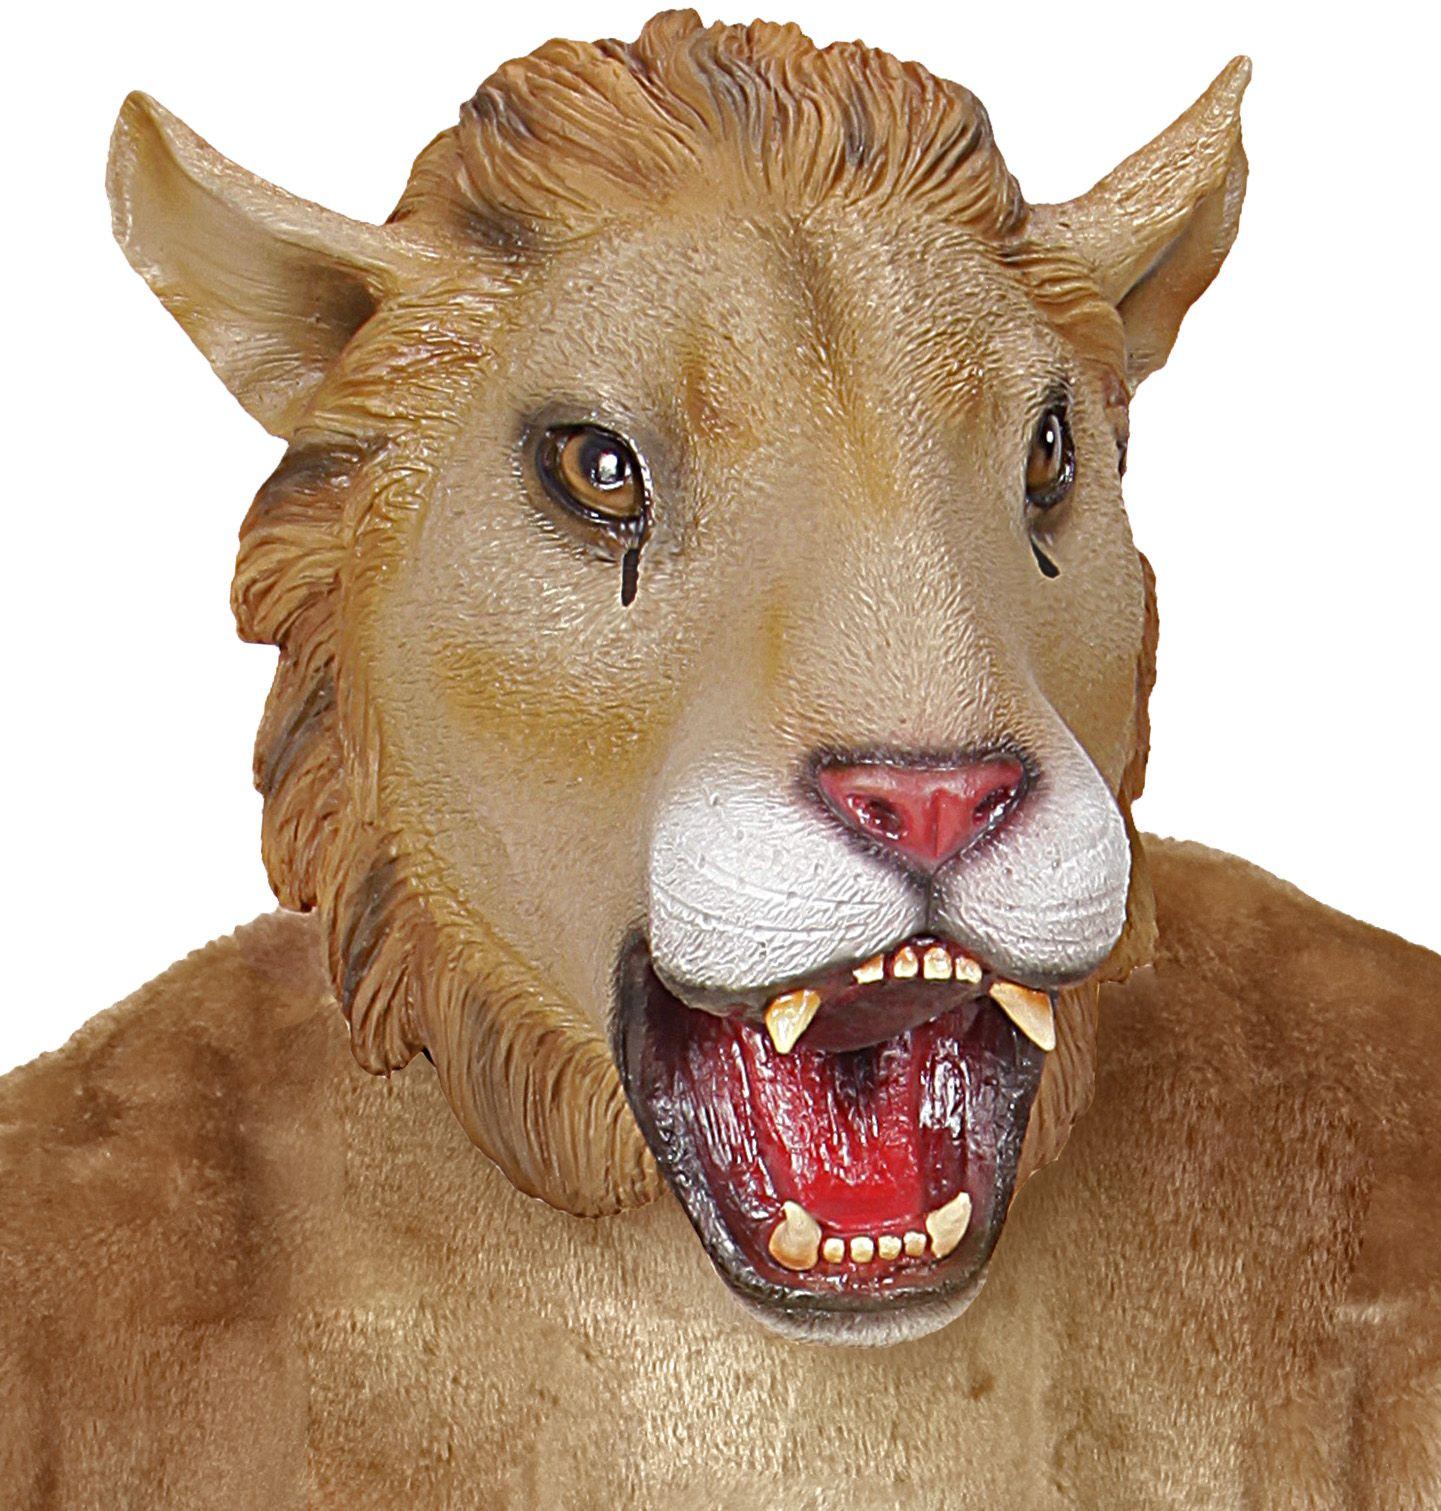 Leeuwenmasker